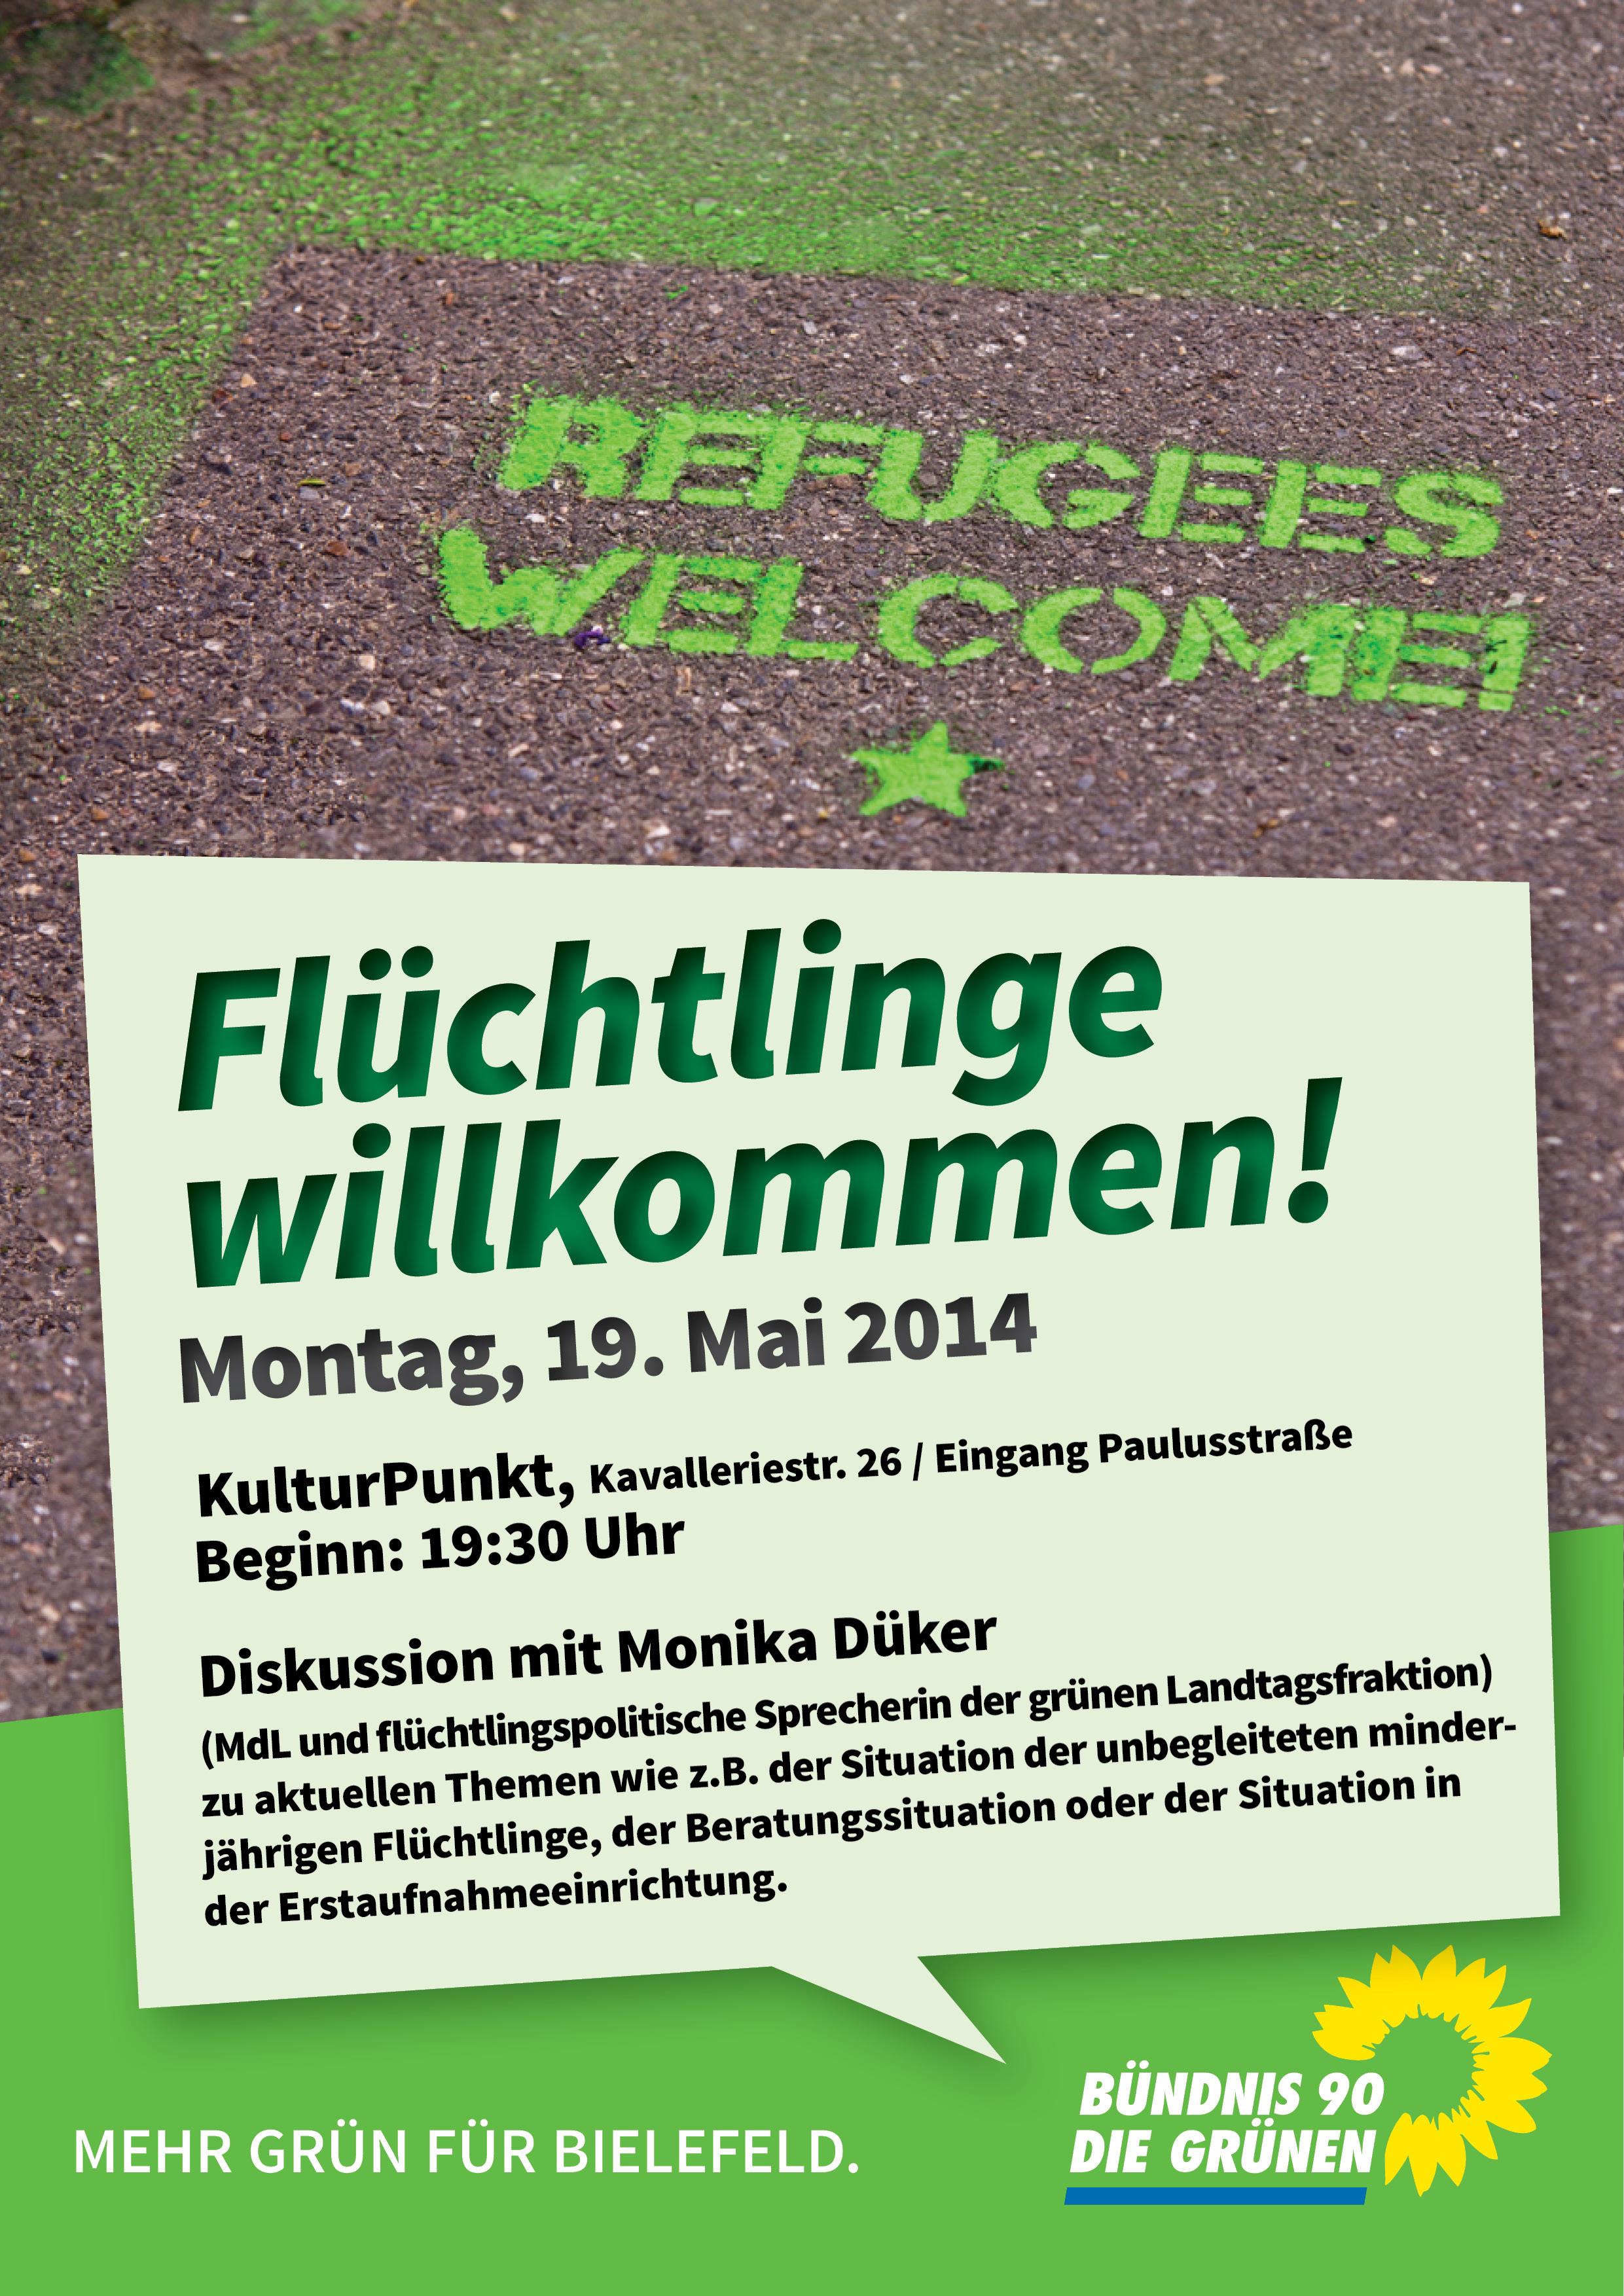 GRÜNE Flüchtlinge